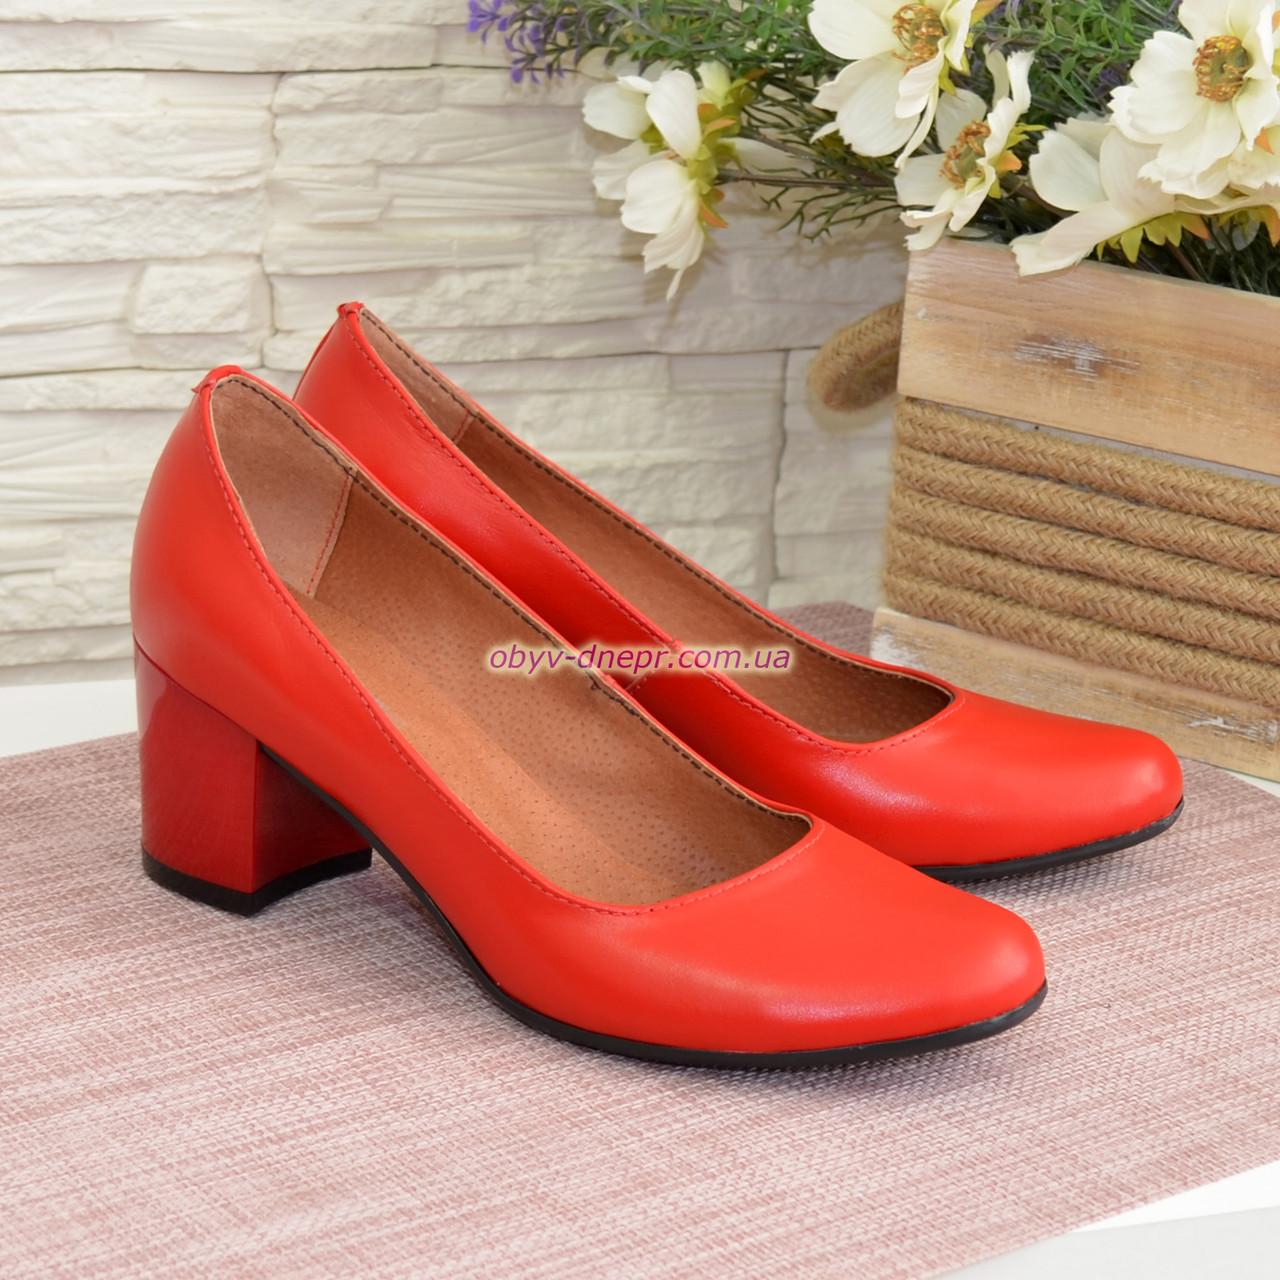 Женские туфли на невысоком устойчивом каблуке, из натуральной кожи красного цвета